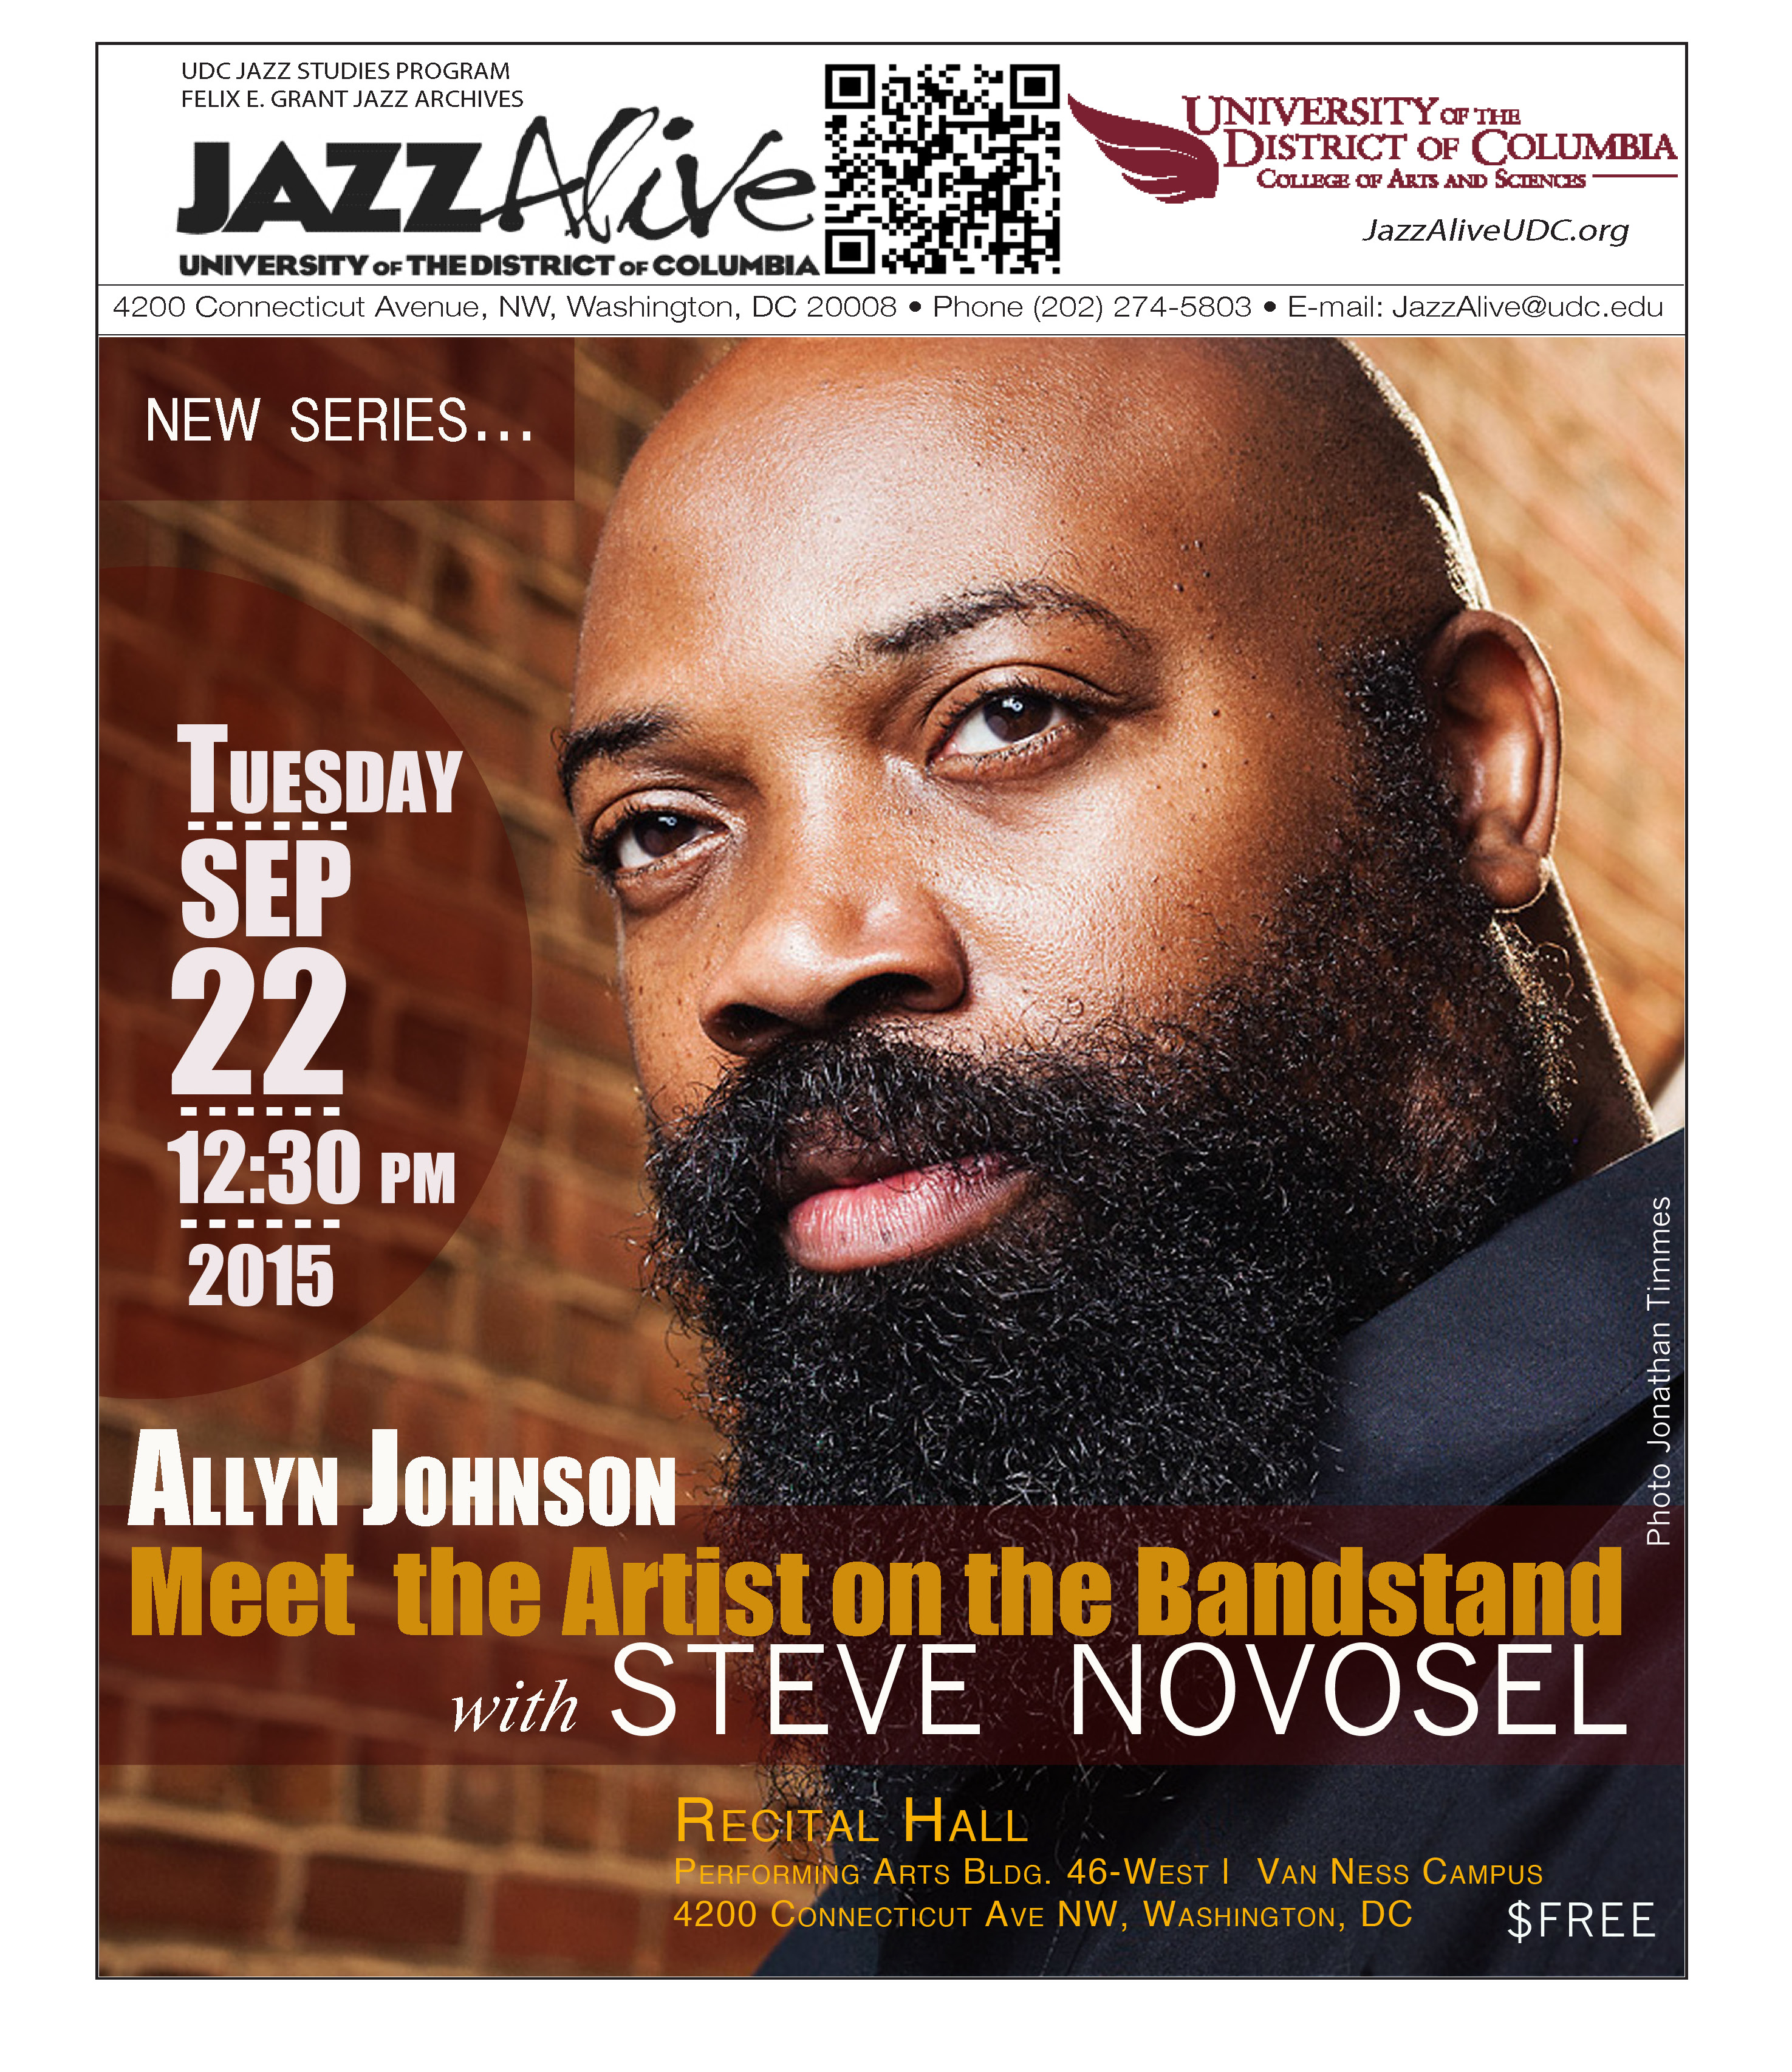 Allyn Johnson & Meet the Artist on the Bandstand--STEVE NOVOSEL